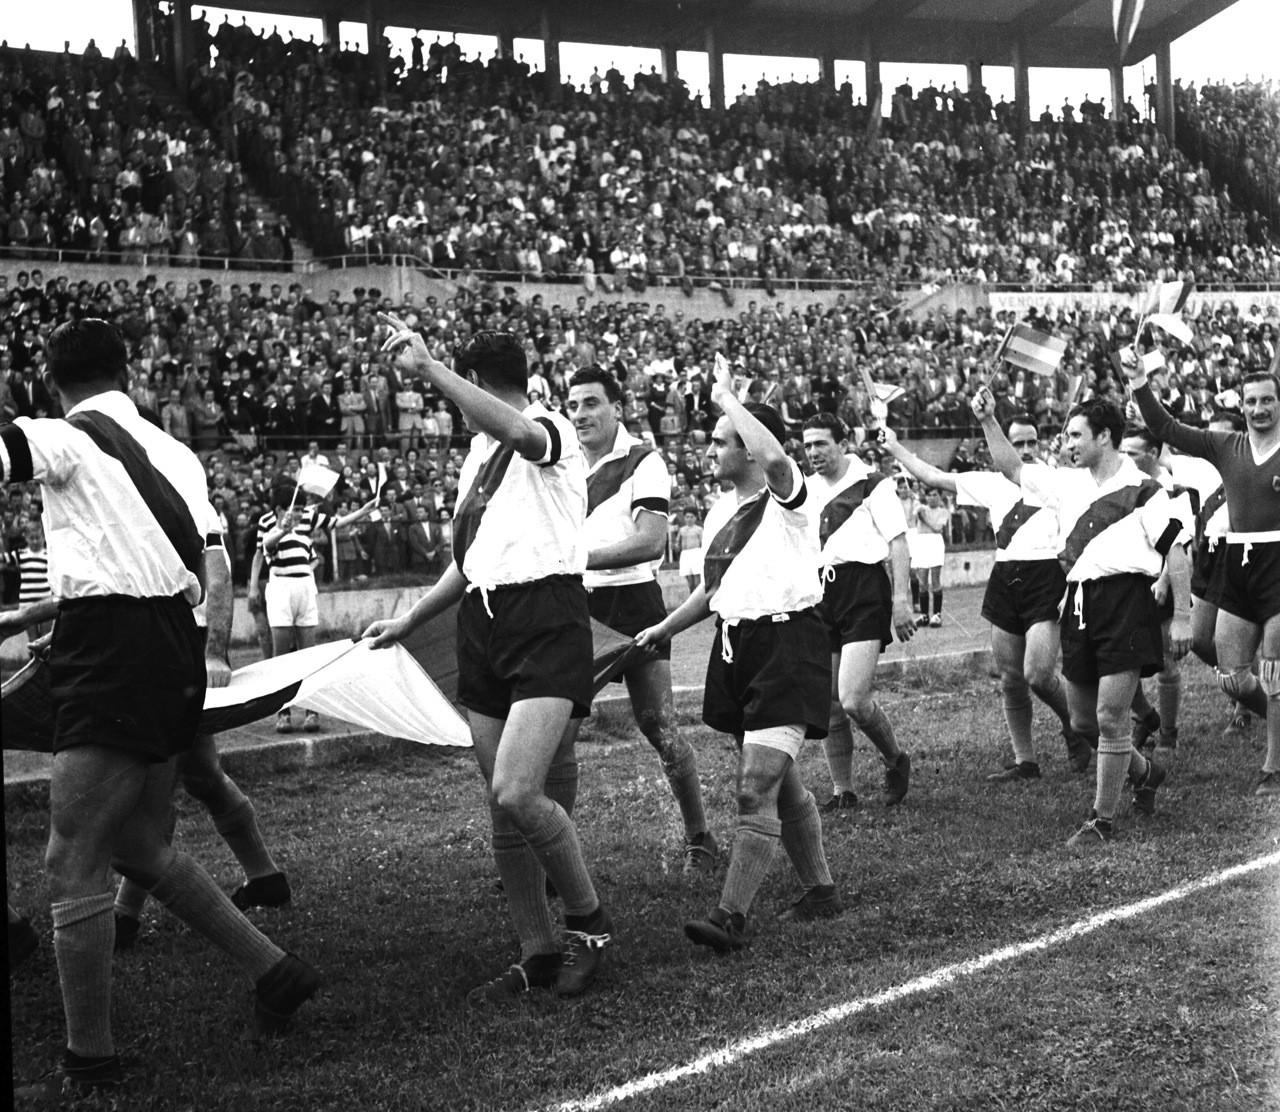 Quella partita nasconde uno dei più bei gesti di solidarietà che la storia del calcio ricordi